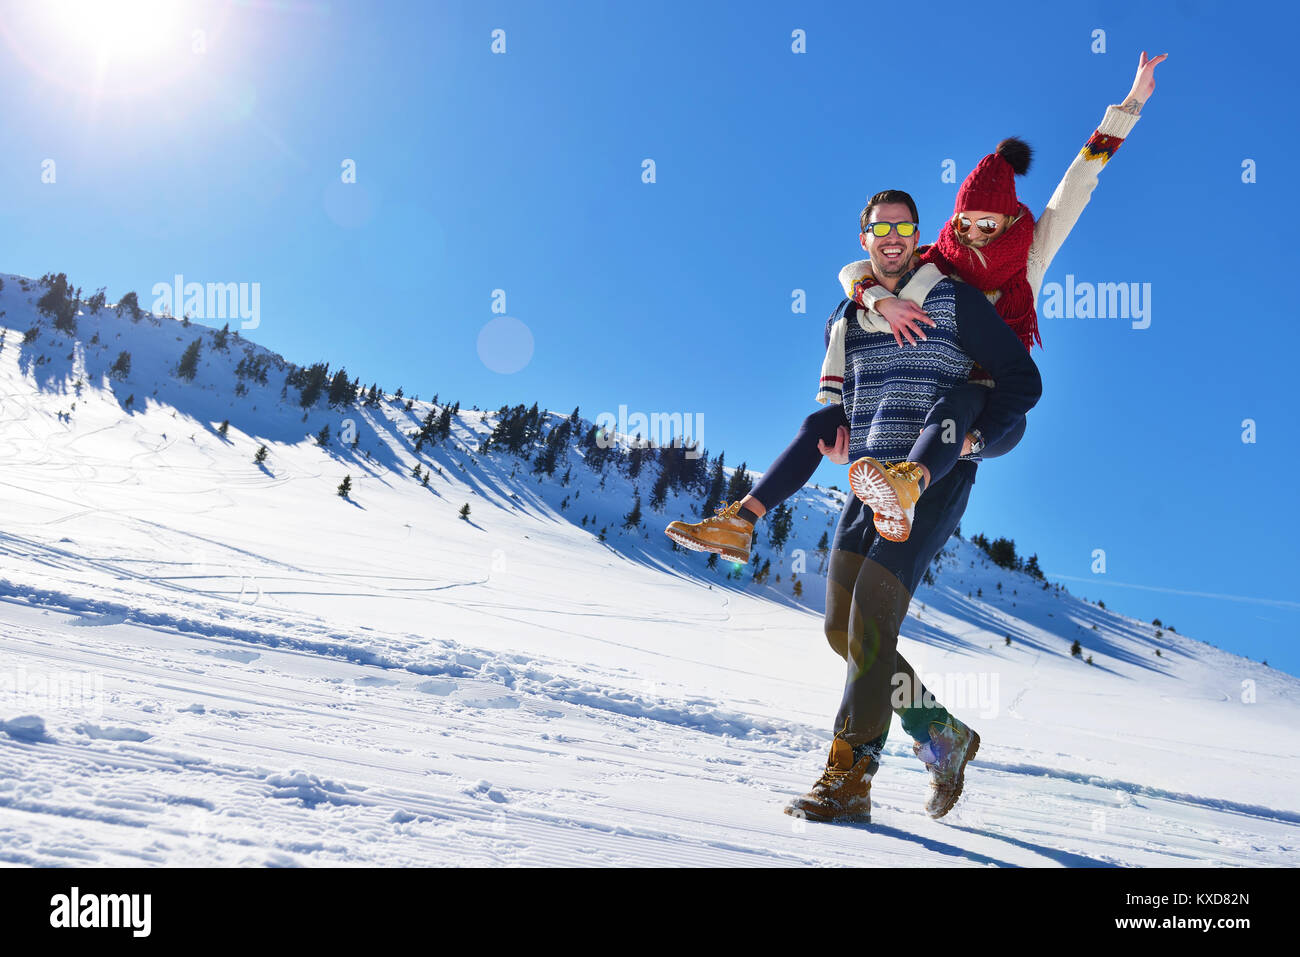 Pareja joven divirtiéndose en la nieve. Hombre feliz en la montaña dando piggyback paseo a su novia sonriente. Foto de stock